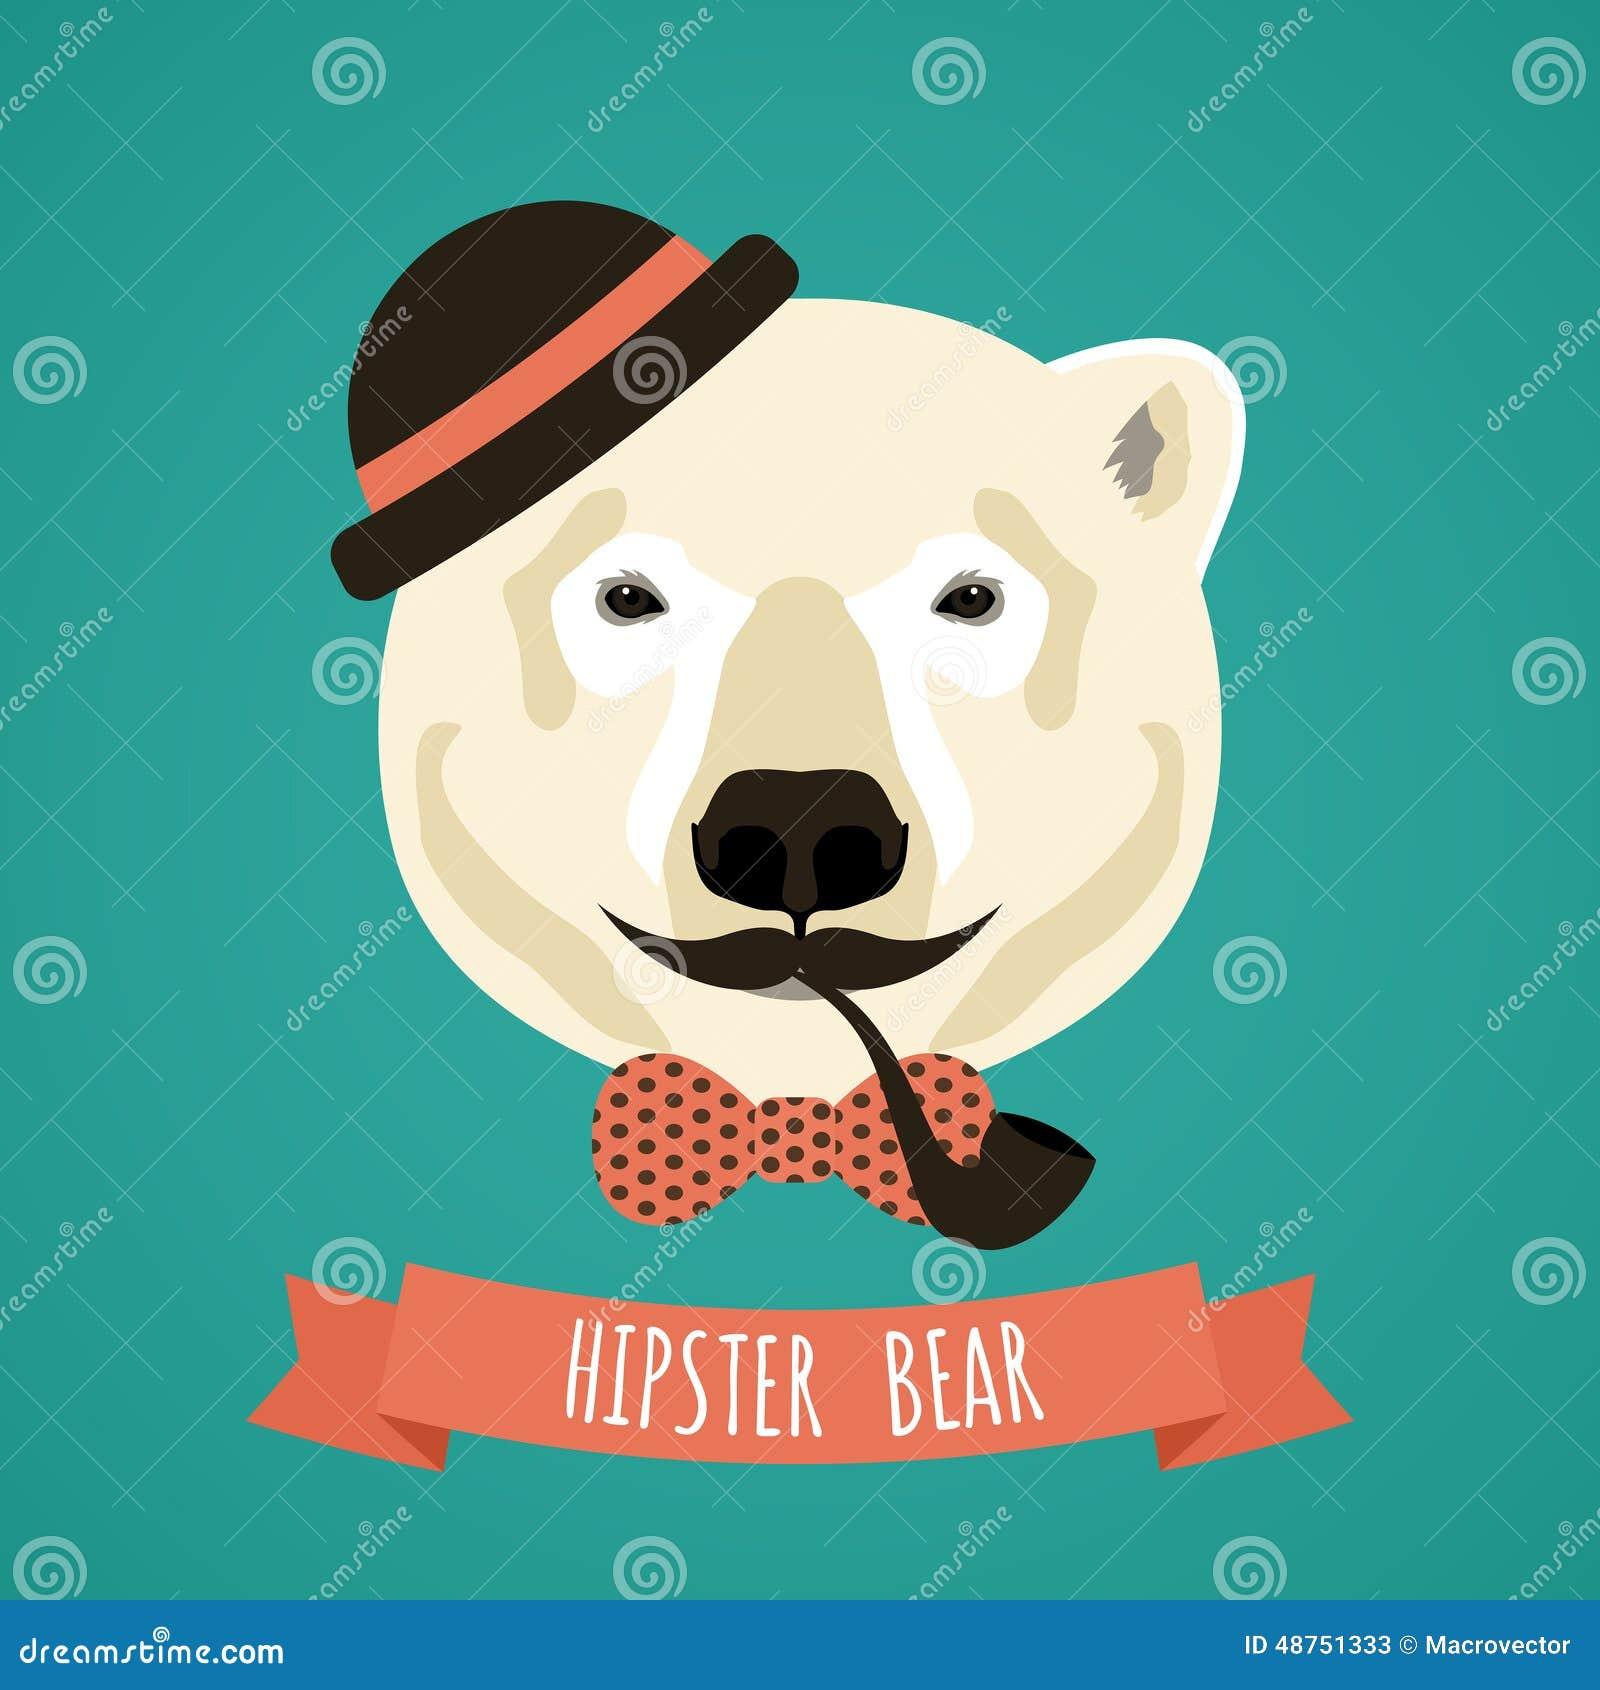 bear smoking stock illustrations 82 bear smoking stock illustrations vectors clipart dreamstime dreamstime com